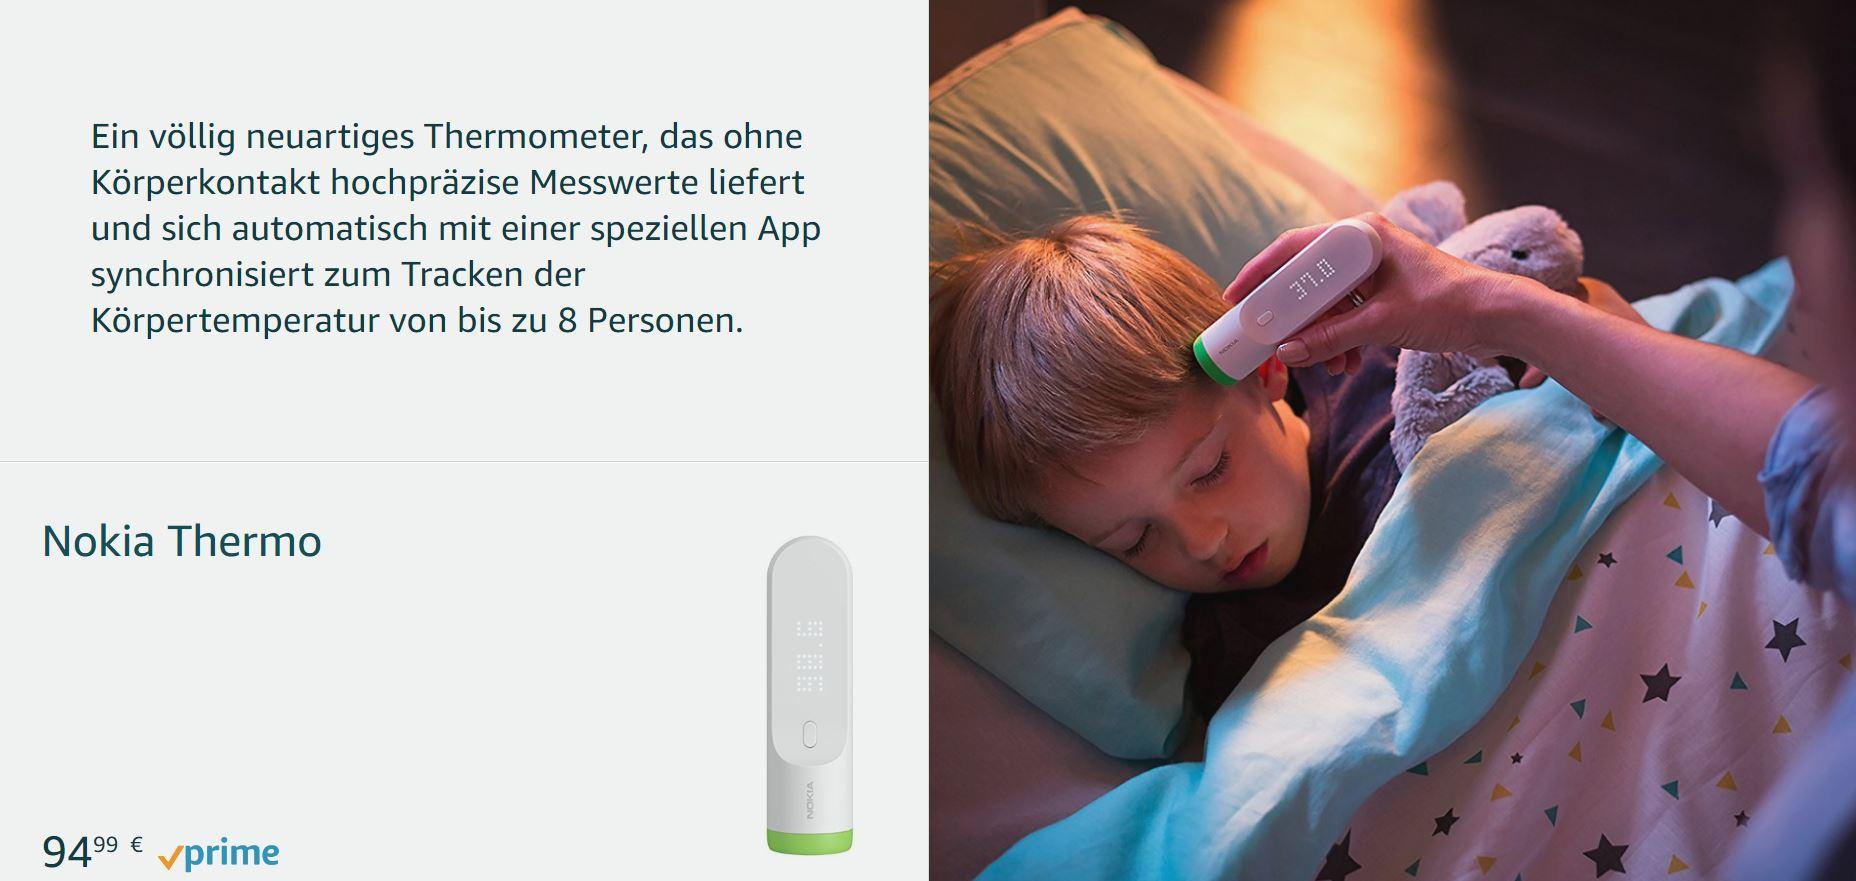 nokia thermometer